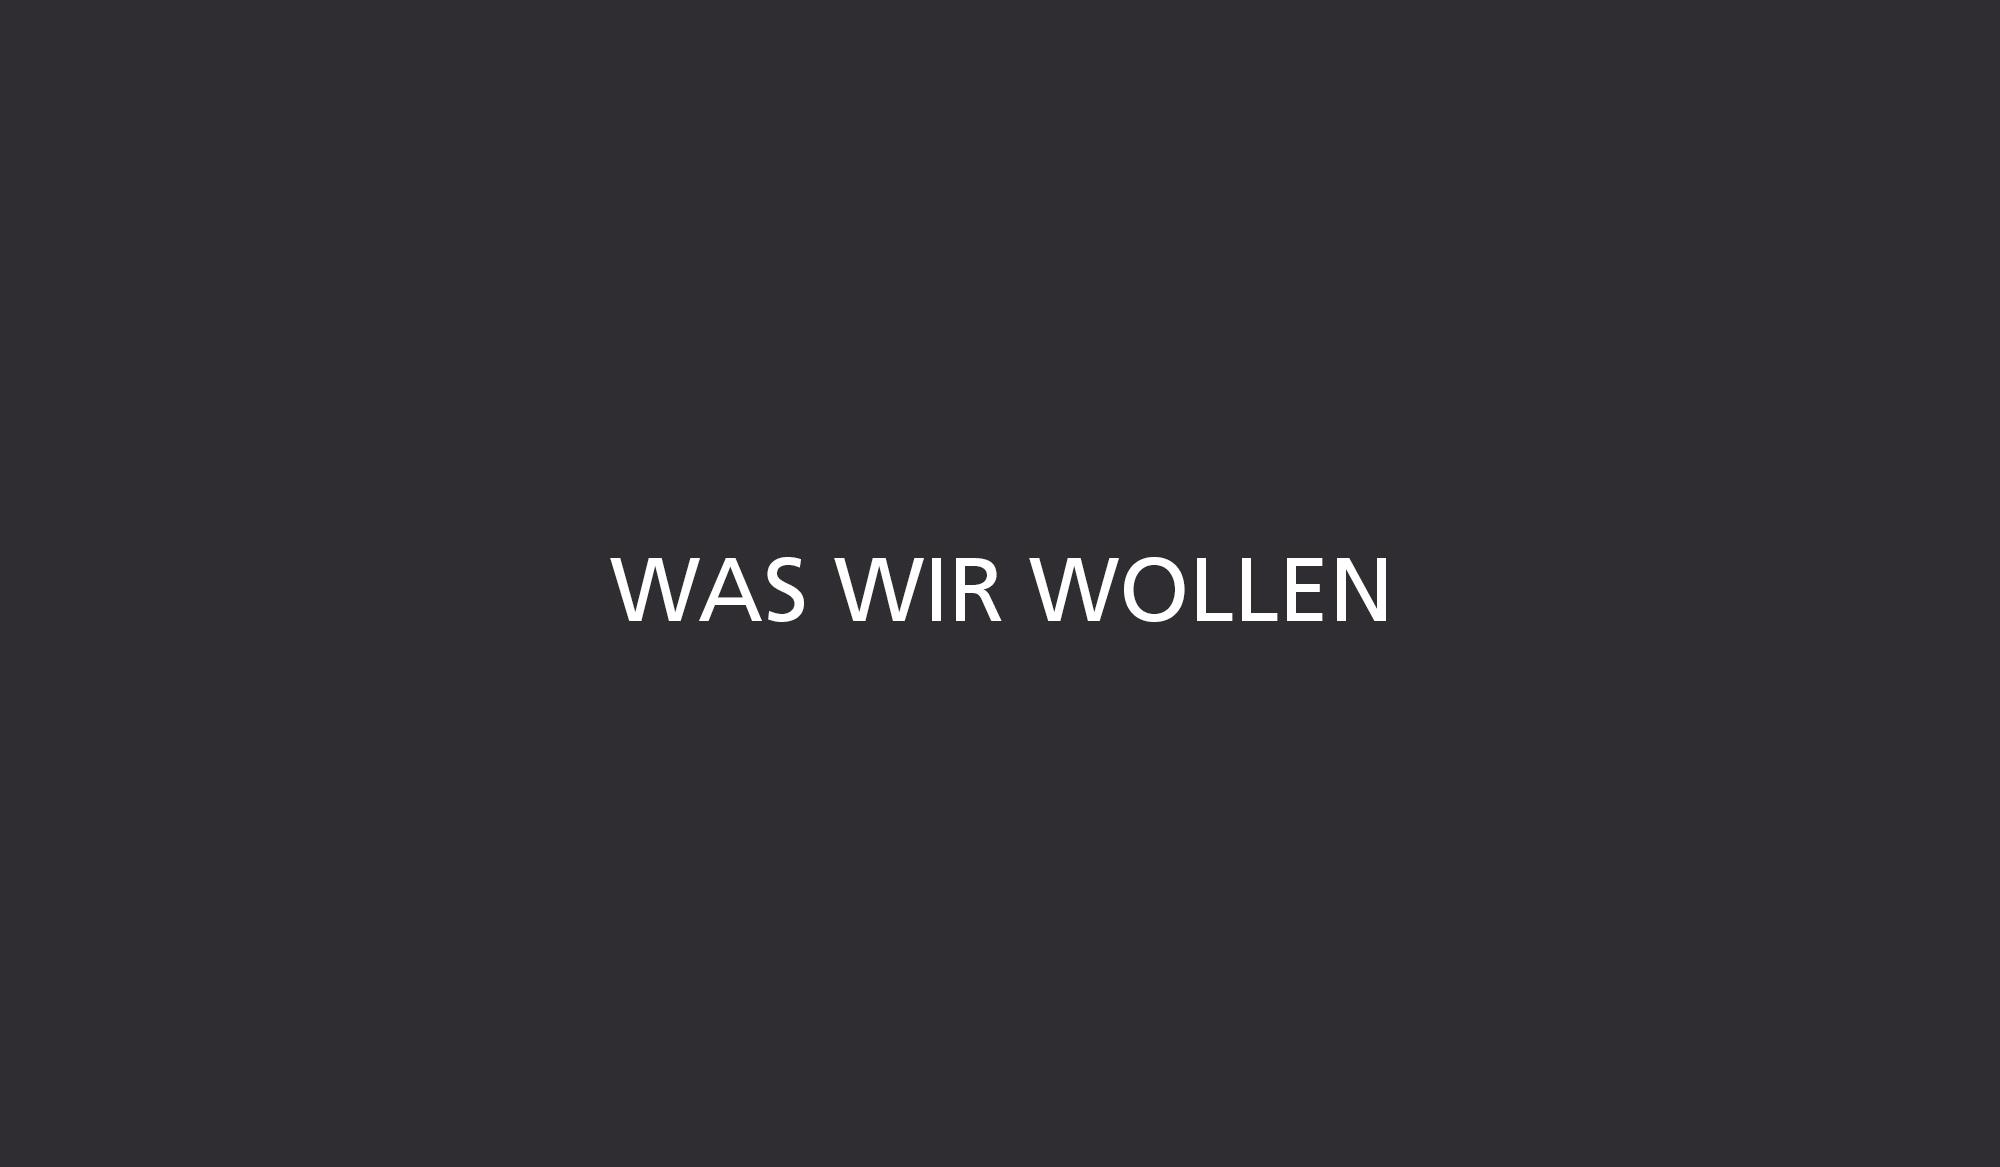 4_schwarz.png